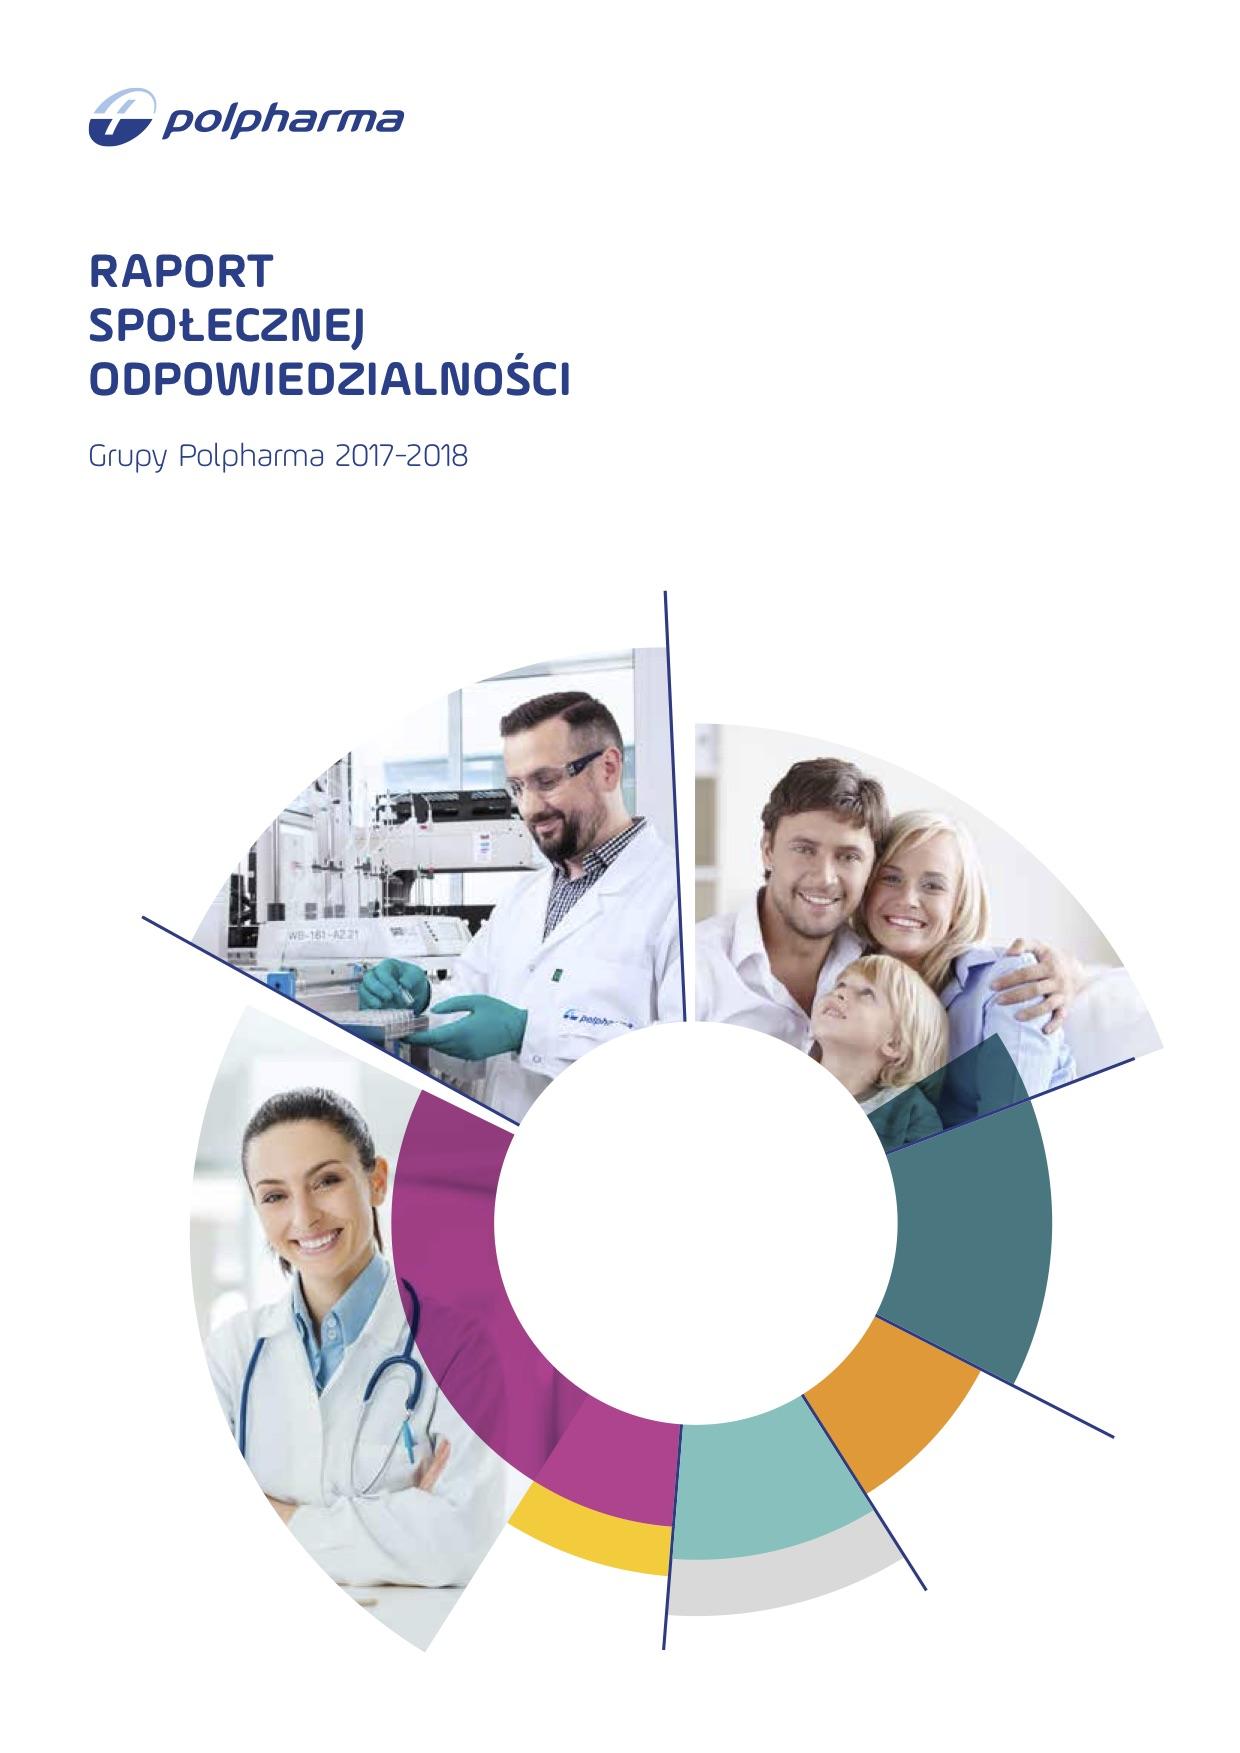 Okładka Raportu spolecznej odpowiedzialności 2017-2018